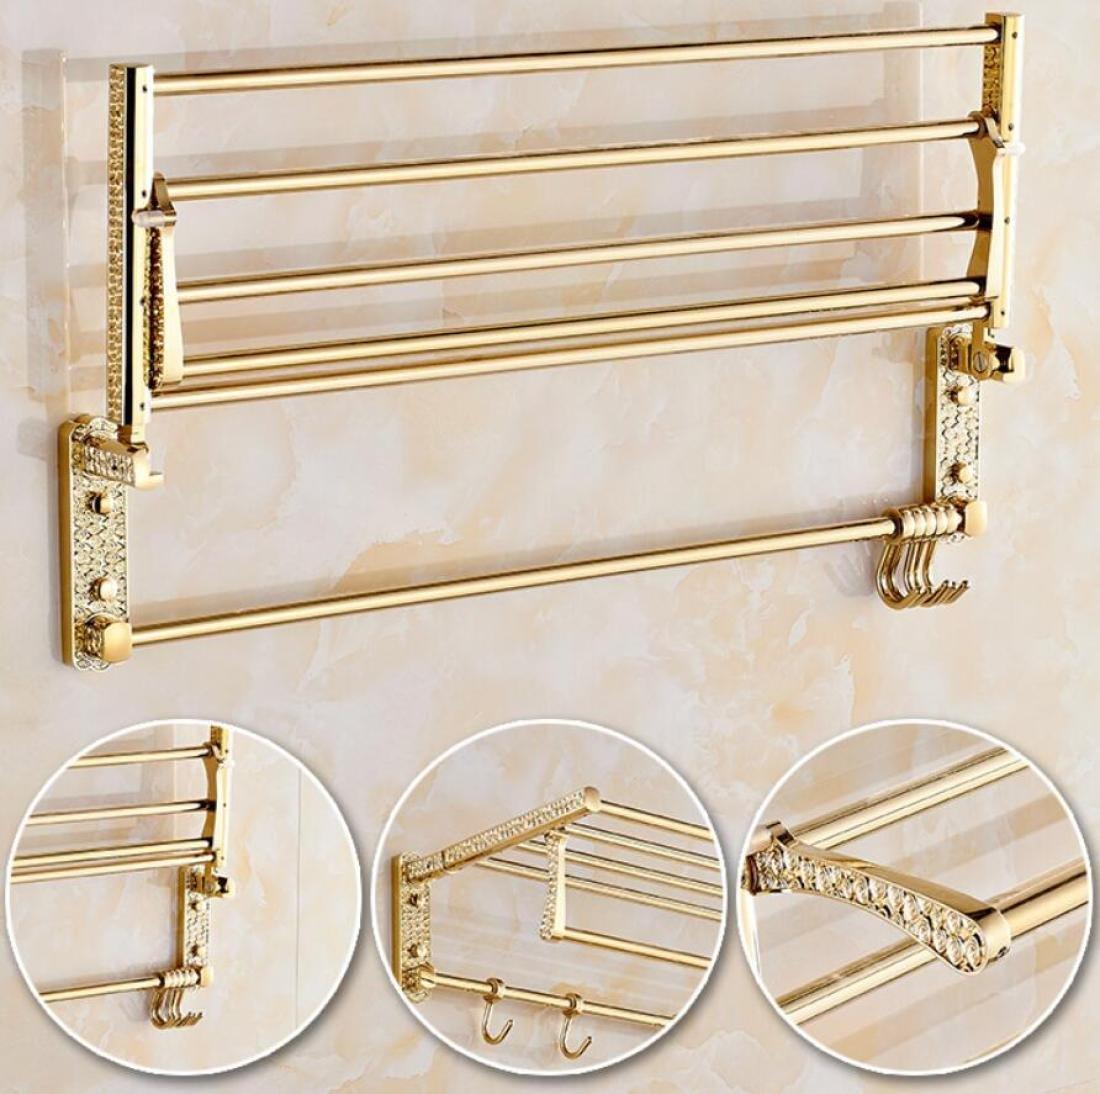 GL&G European Luxury Gold Copper Bathroom Bath Towel Rack Double Towel Bar Bathroom Storage & Organization Holder Towel Bars Wall Mount Bathroom Accessories Bath Wall Shelf Rack,6023.513.5cm by GAOLIGUO (Image #3)